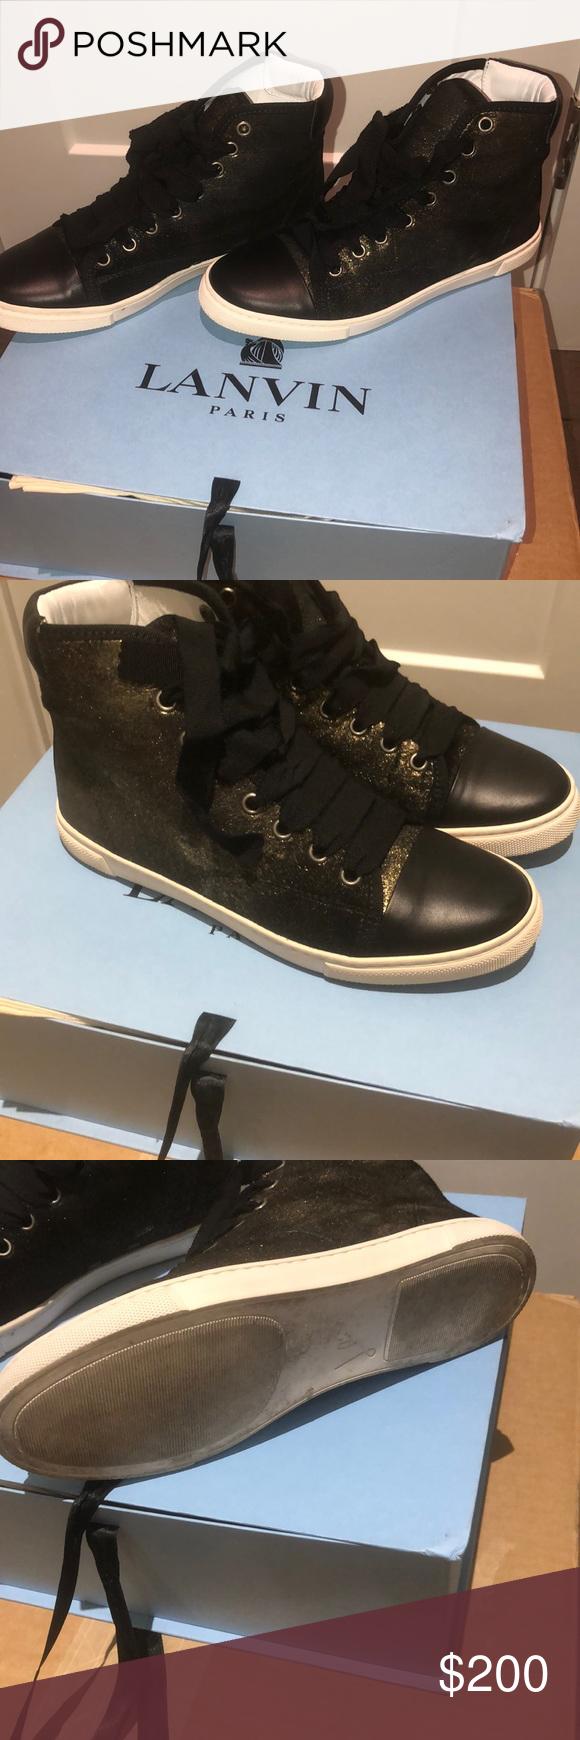 Lanvin shoes, Womens shoes sneakers, Lanvin